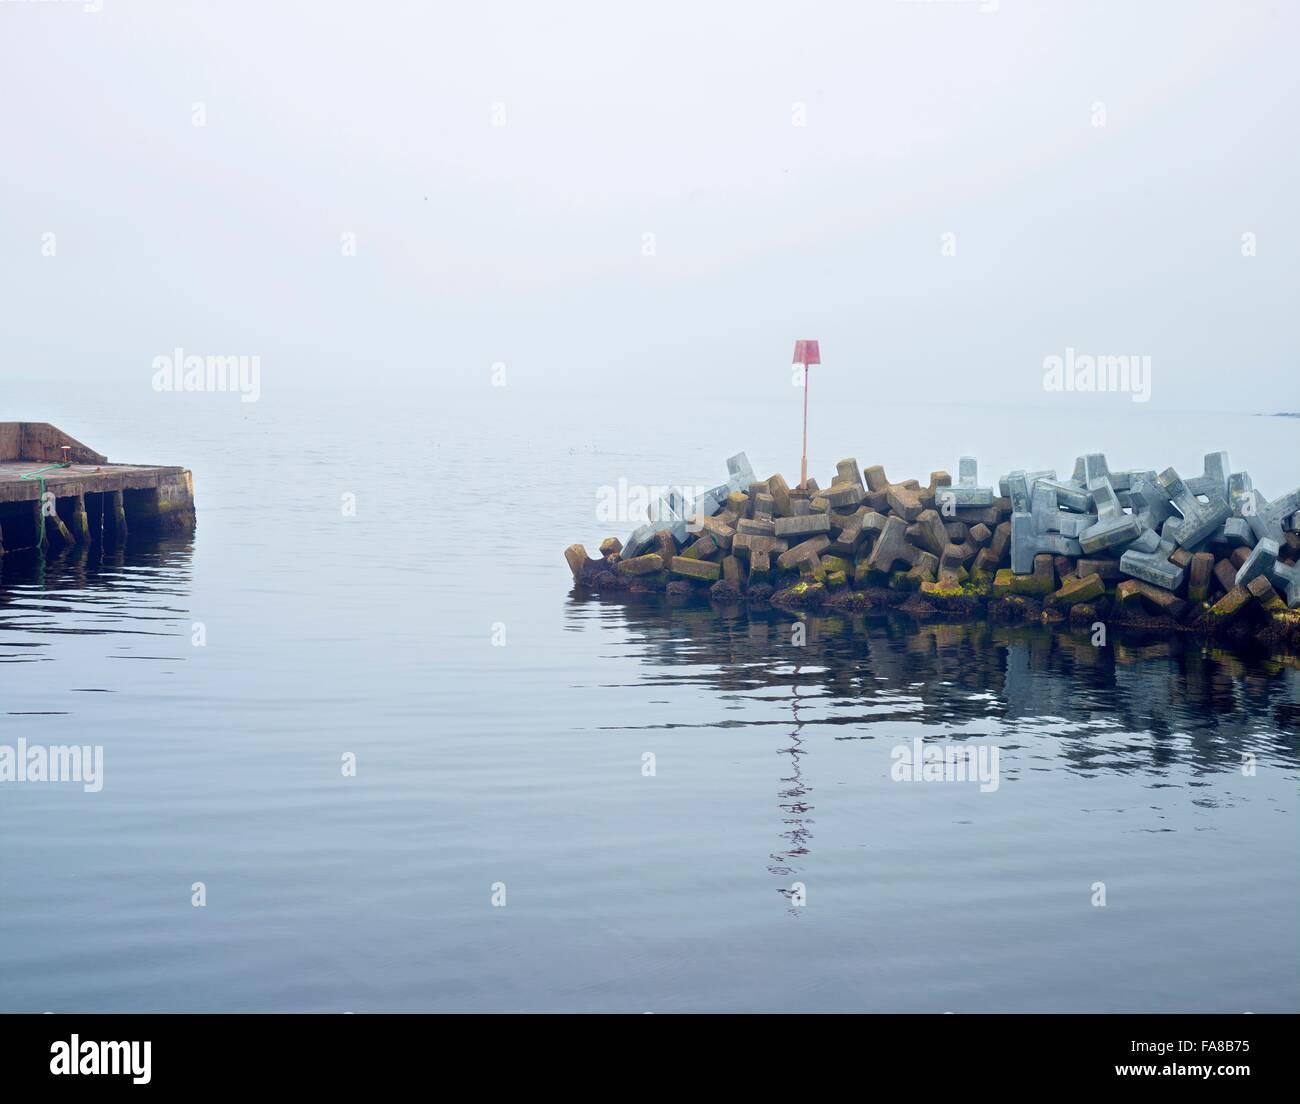 Rompeolas para el pequeño puerto, Dunbeath, Sutherland, Escocia Foto de stock